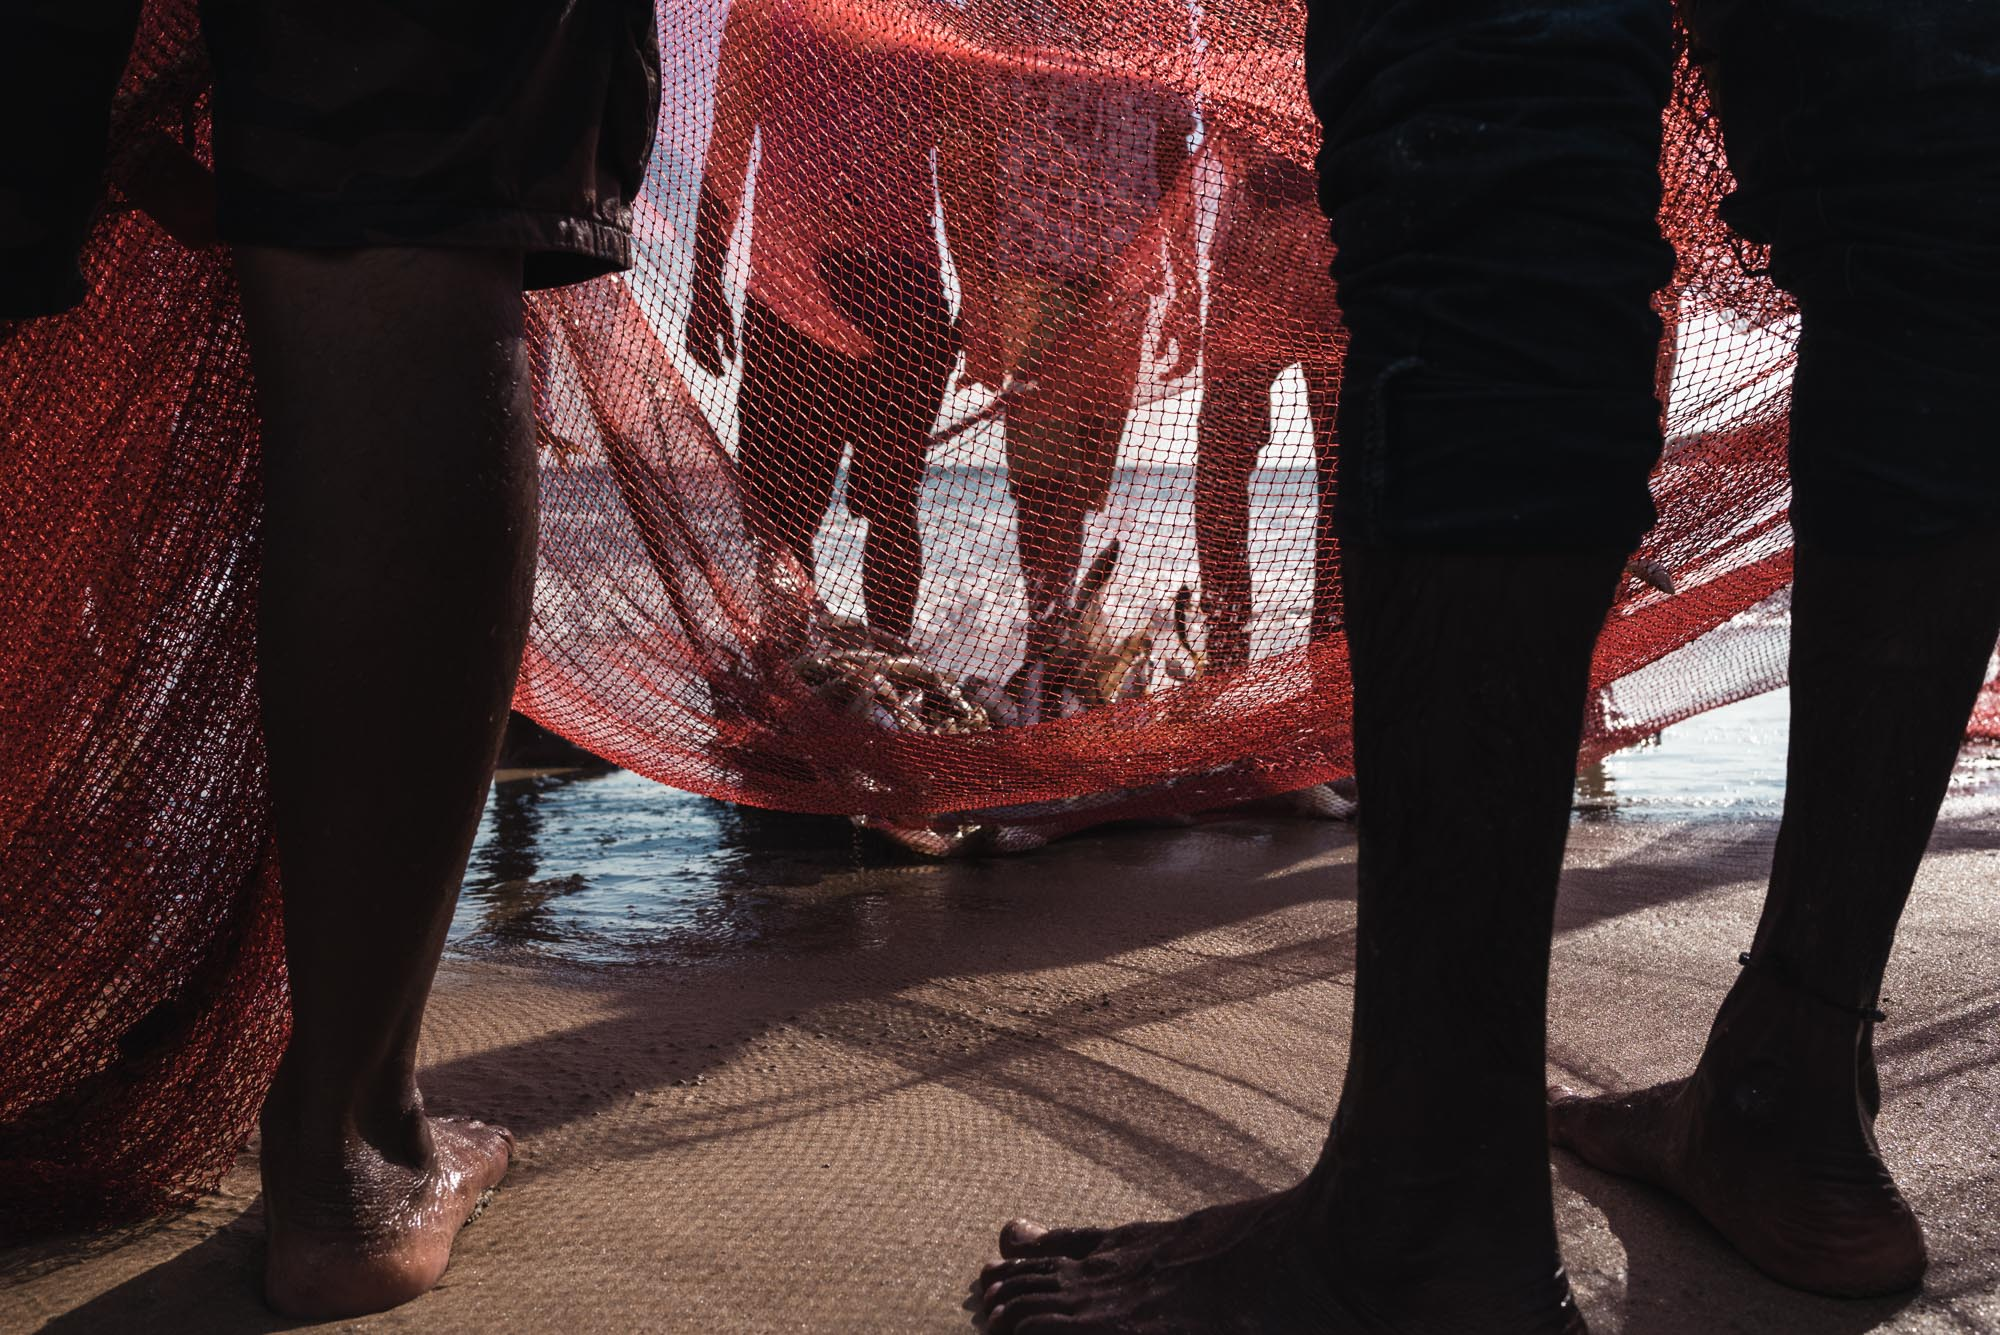 Fishing at Palolem Beach, Goa